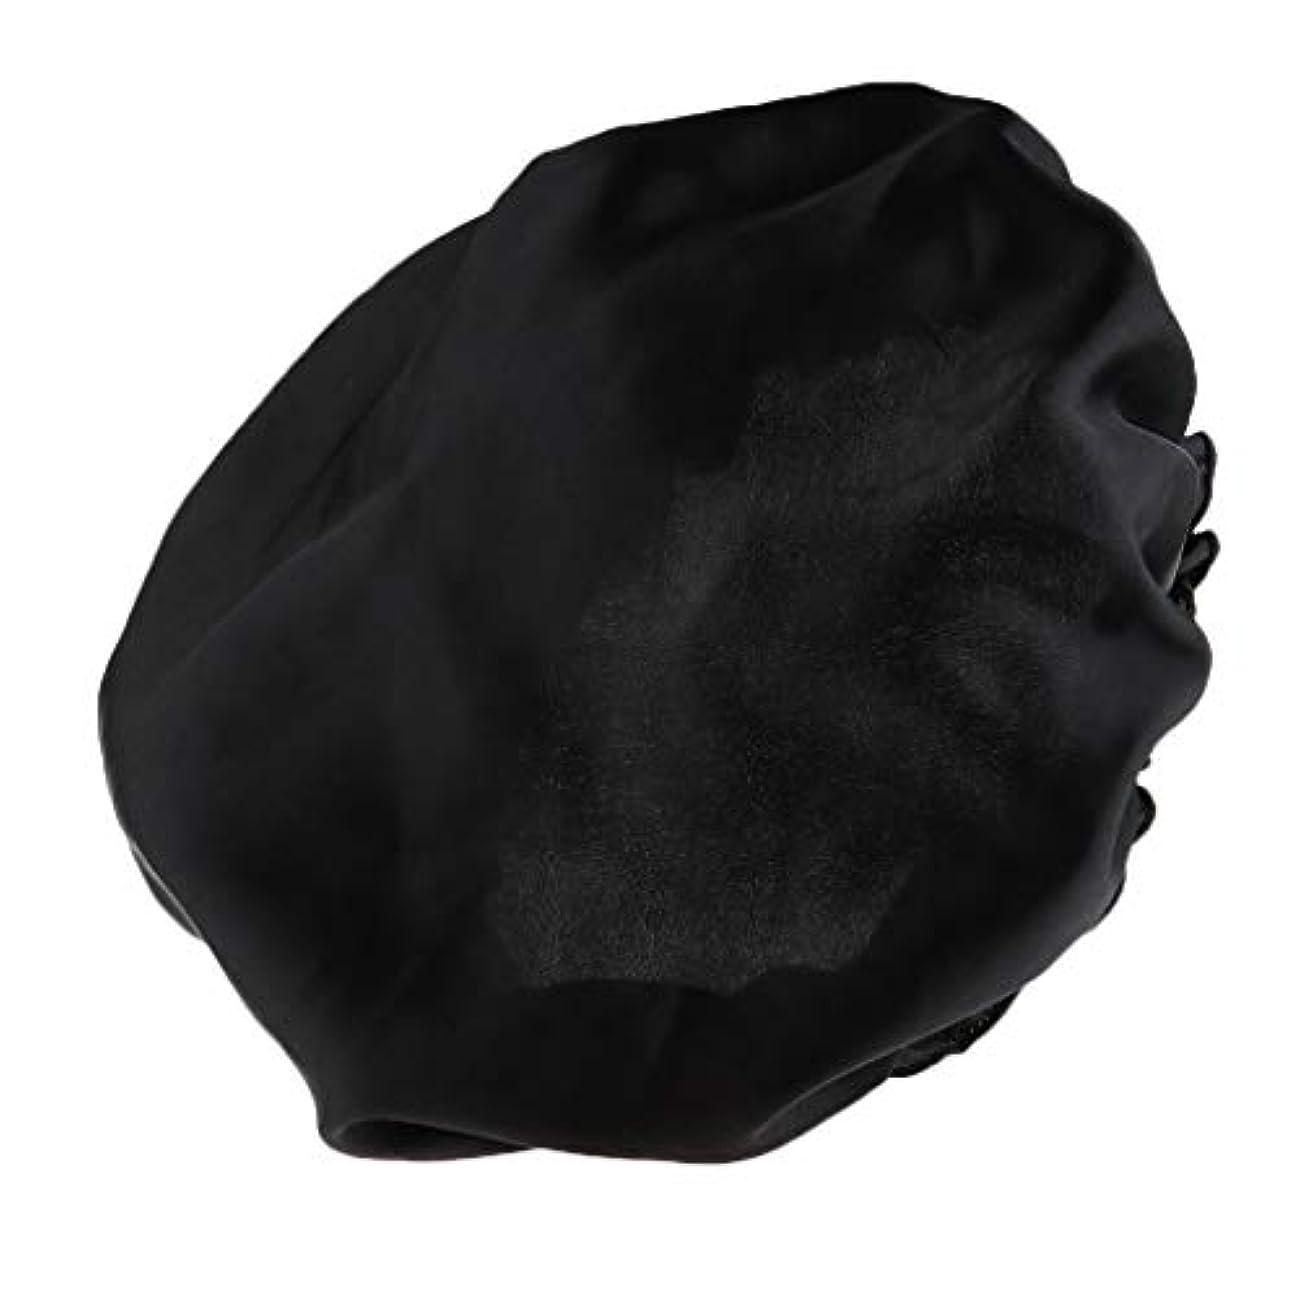 達成する法令不完全シャワーキャップ シルクサテン 眠り帽子 ヘッドカバー 睡眠キャップ ヘアケア 全8色 - ブラック